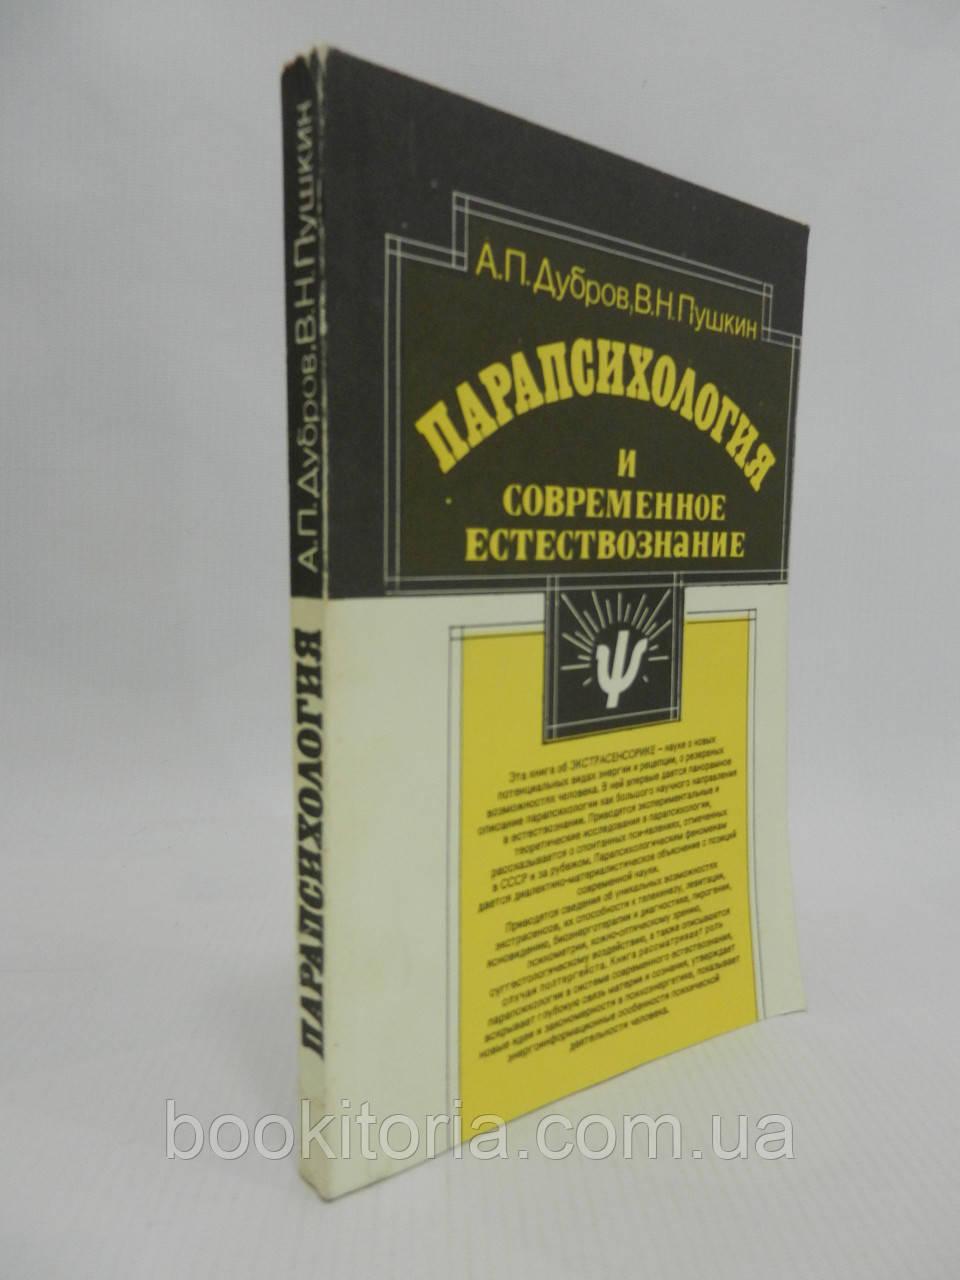 Дубров А.П., Пушкин В.Н. Парапсихология и современное естествознание (б/у)., фото 1